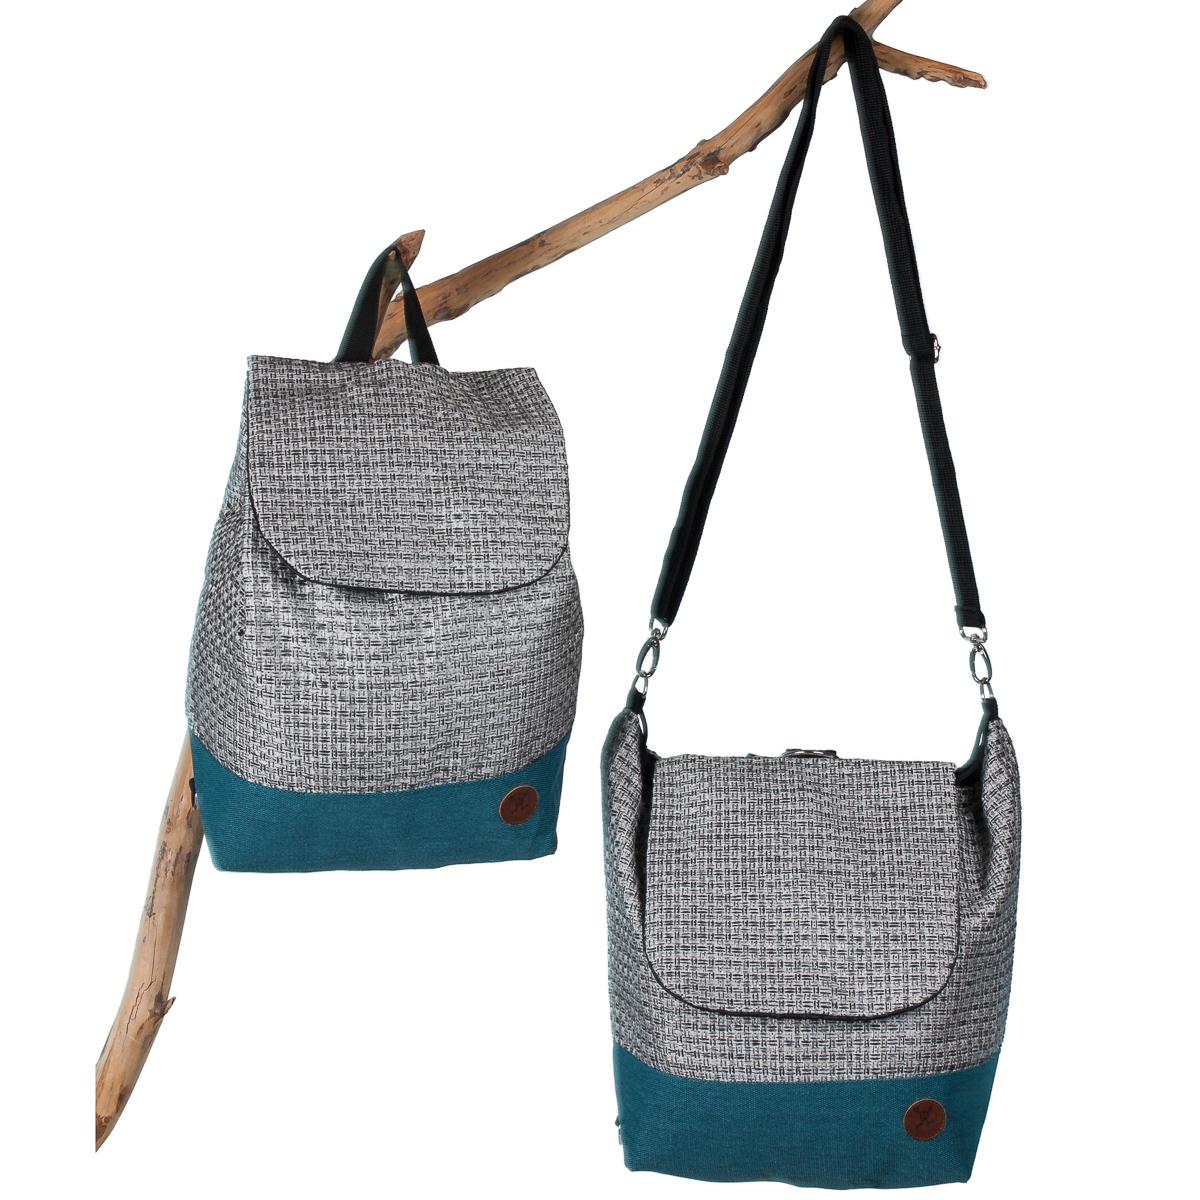 Rucksack-Tasche-Filigran